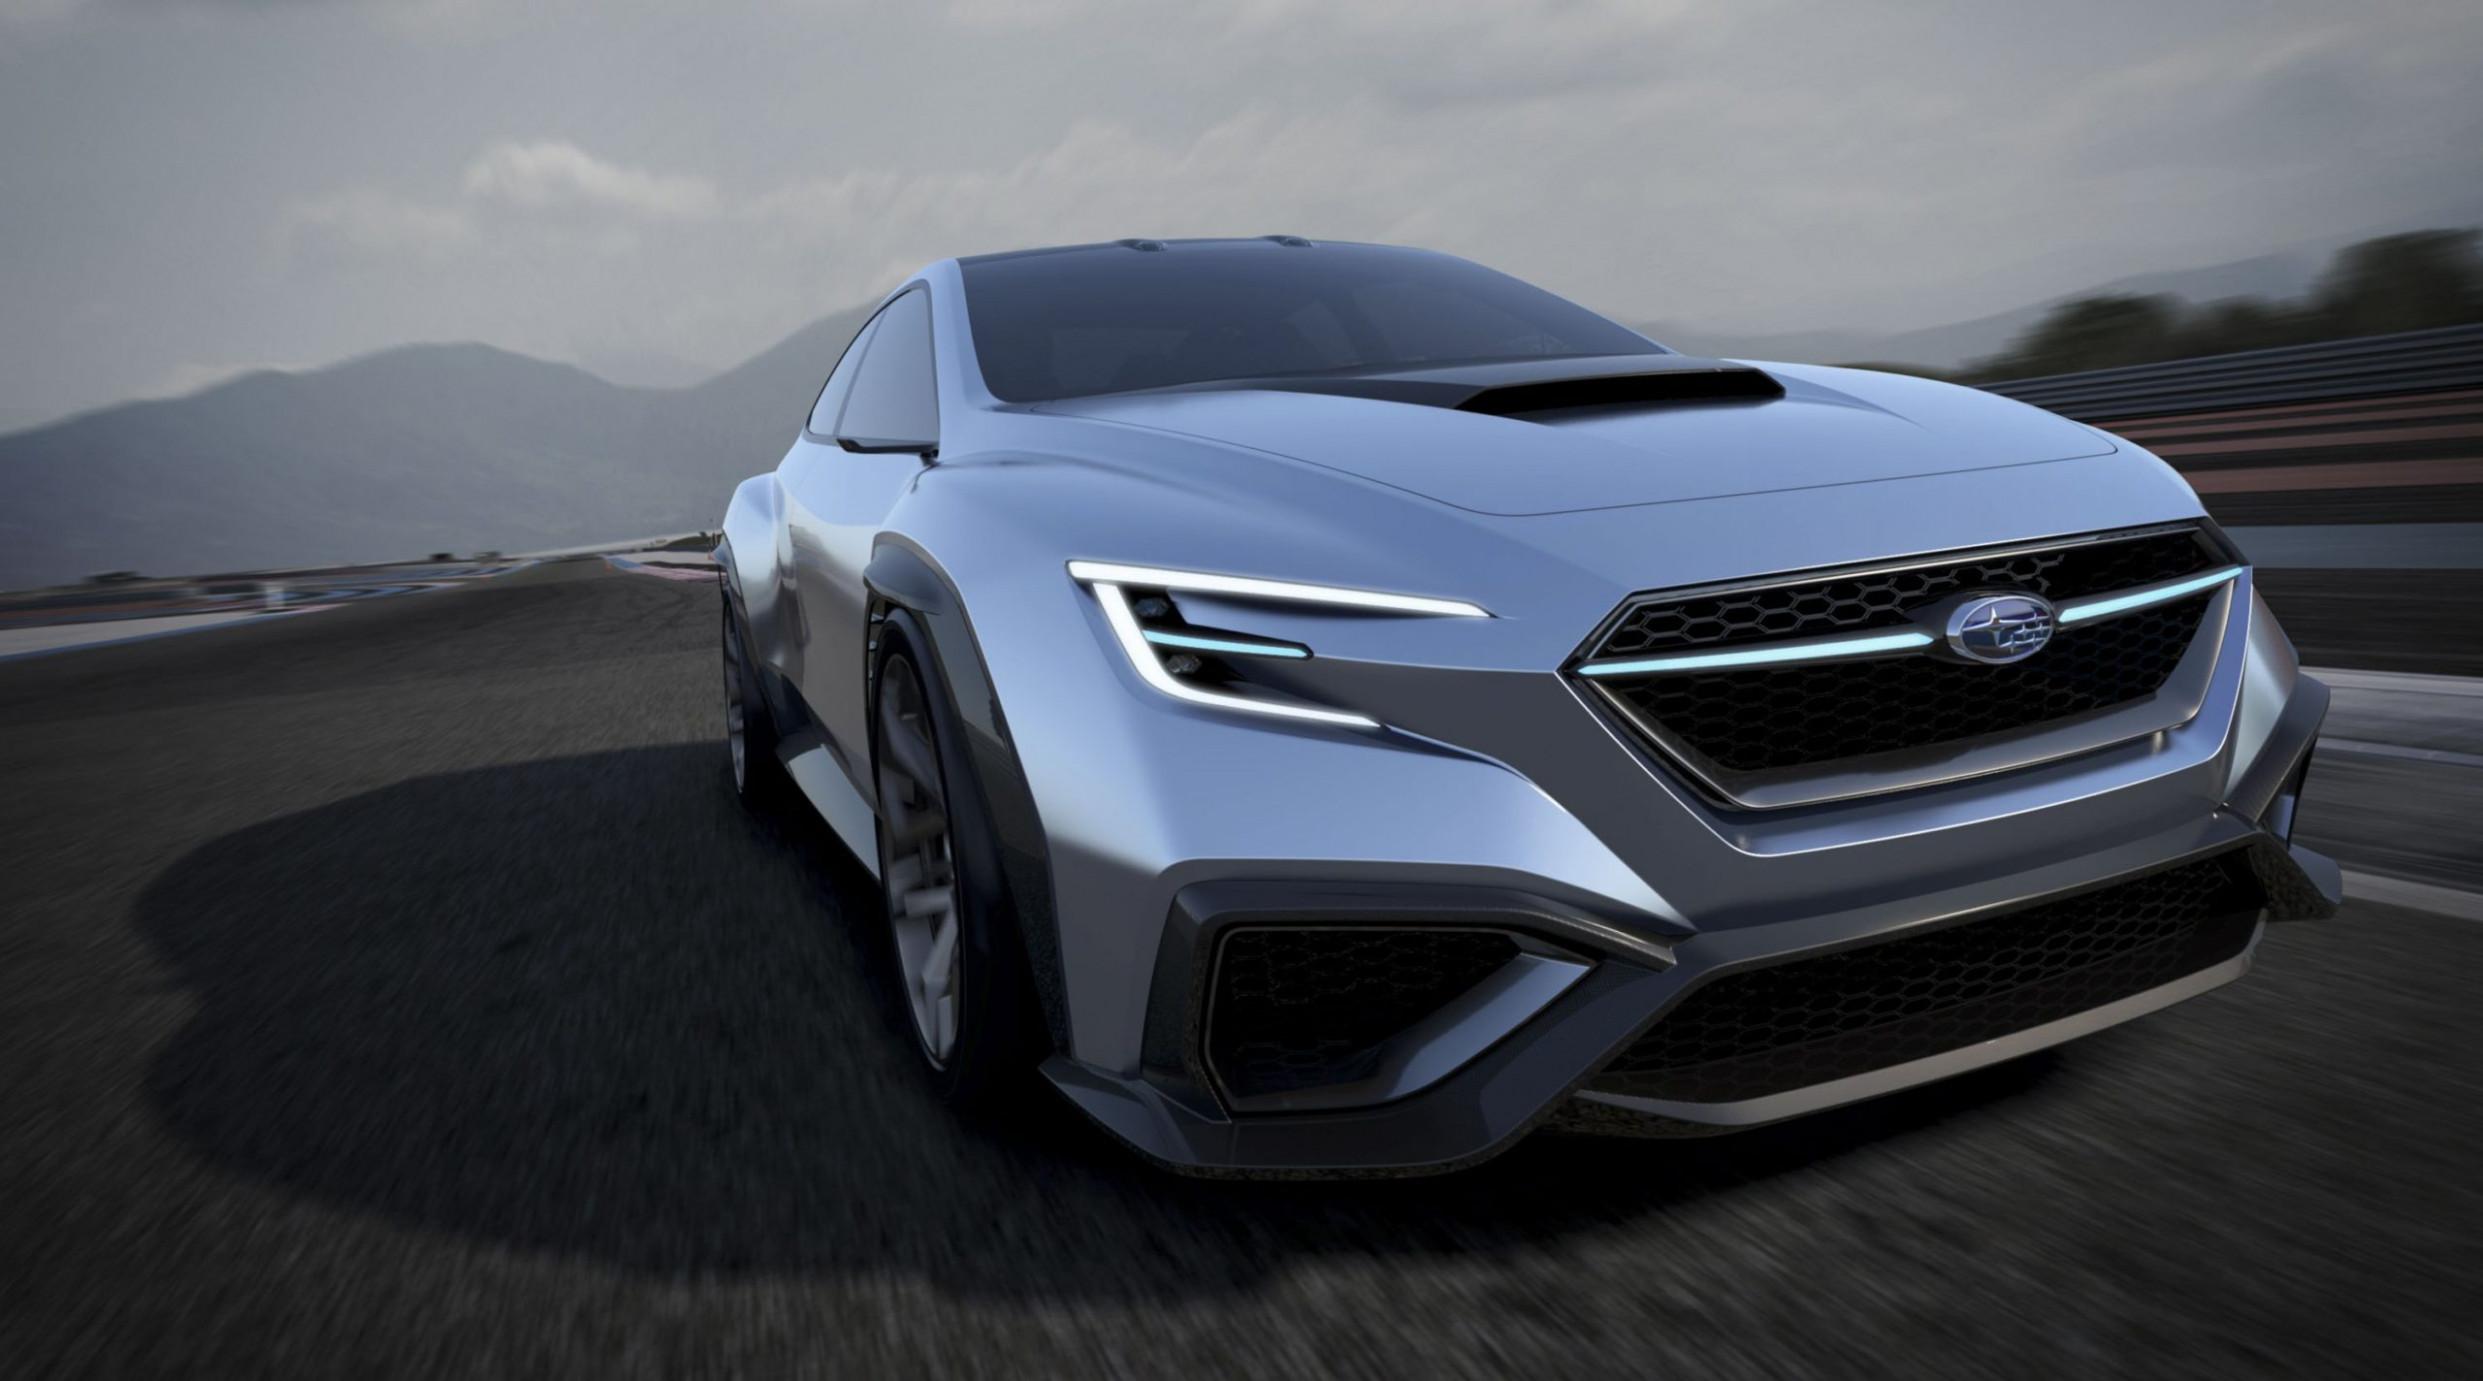 Reviews 2022 Subaru Sti Release Date